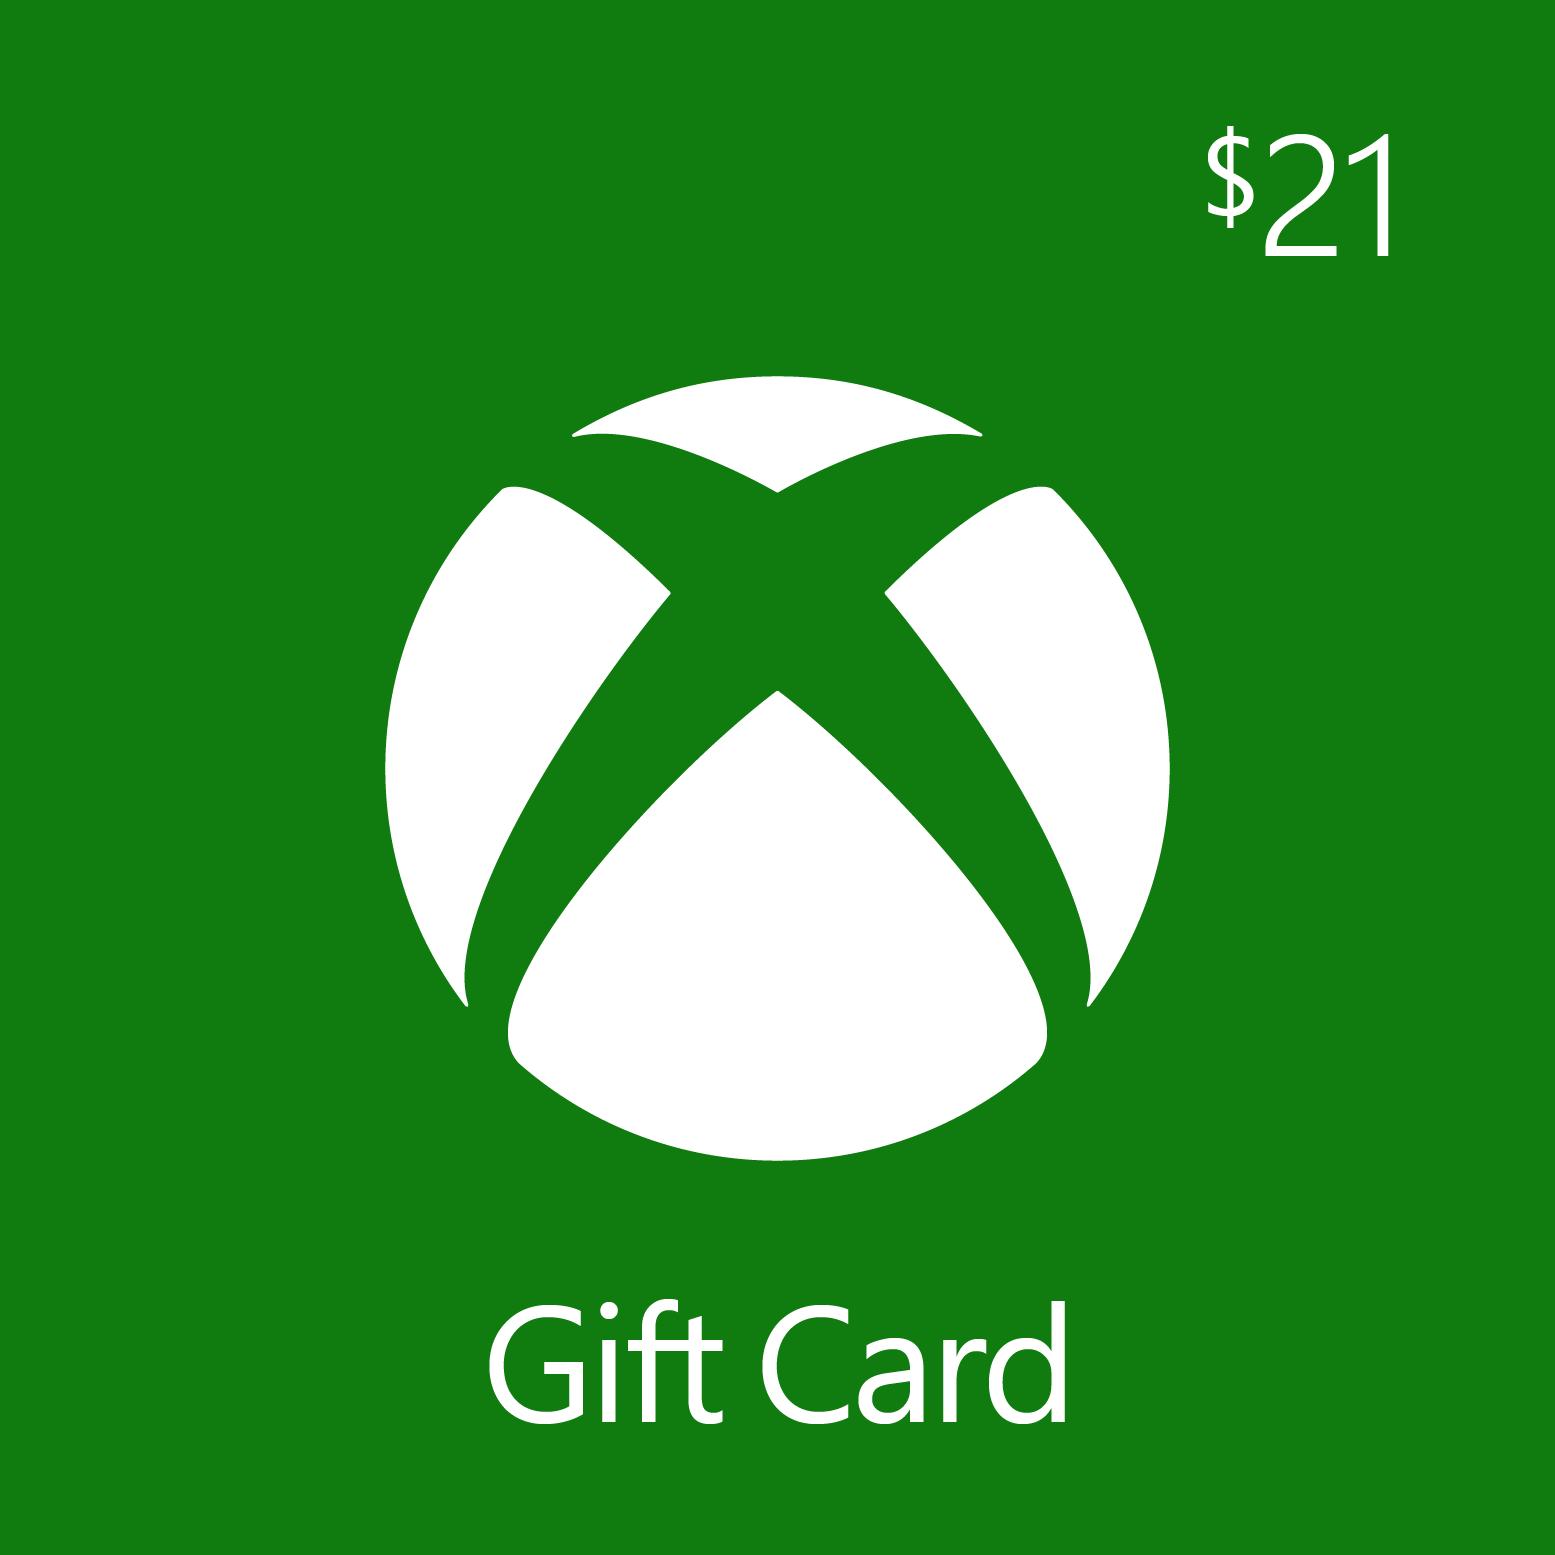 $21.00 Xbox Digital Gift Card